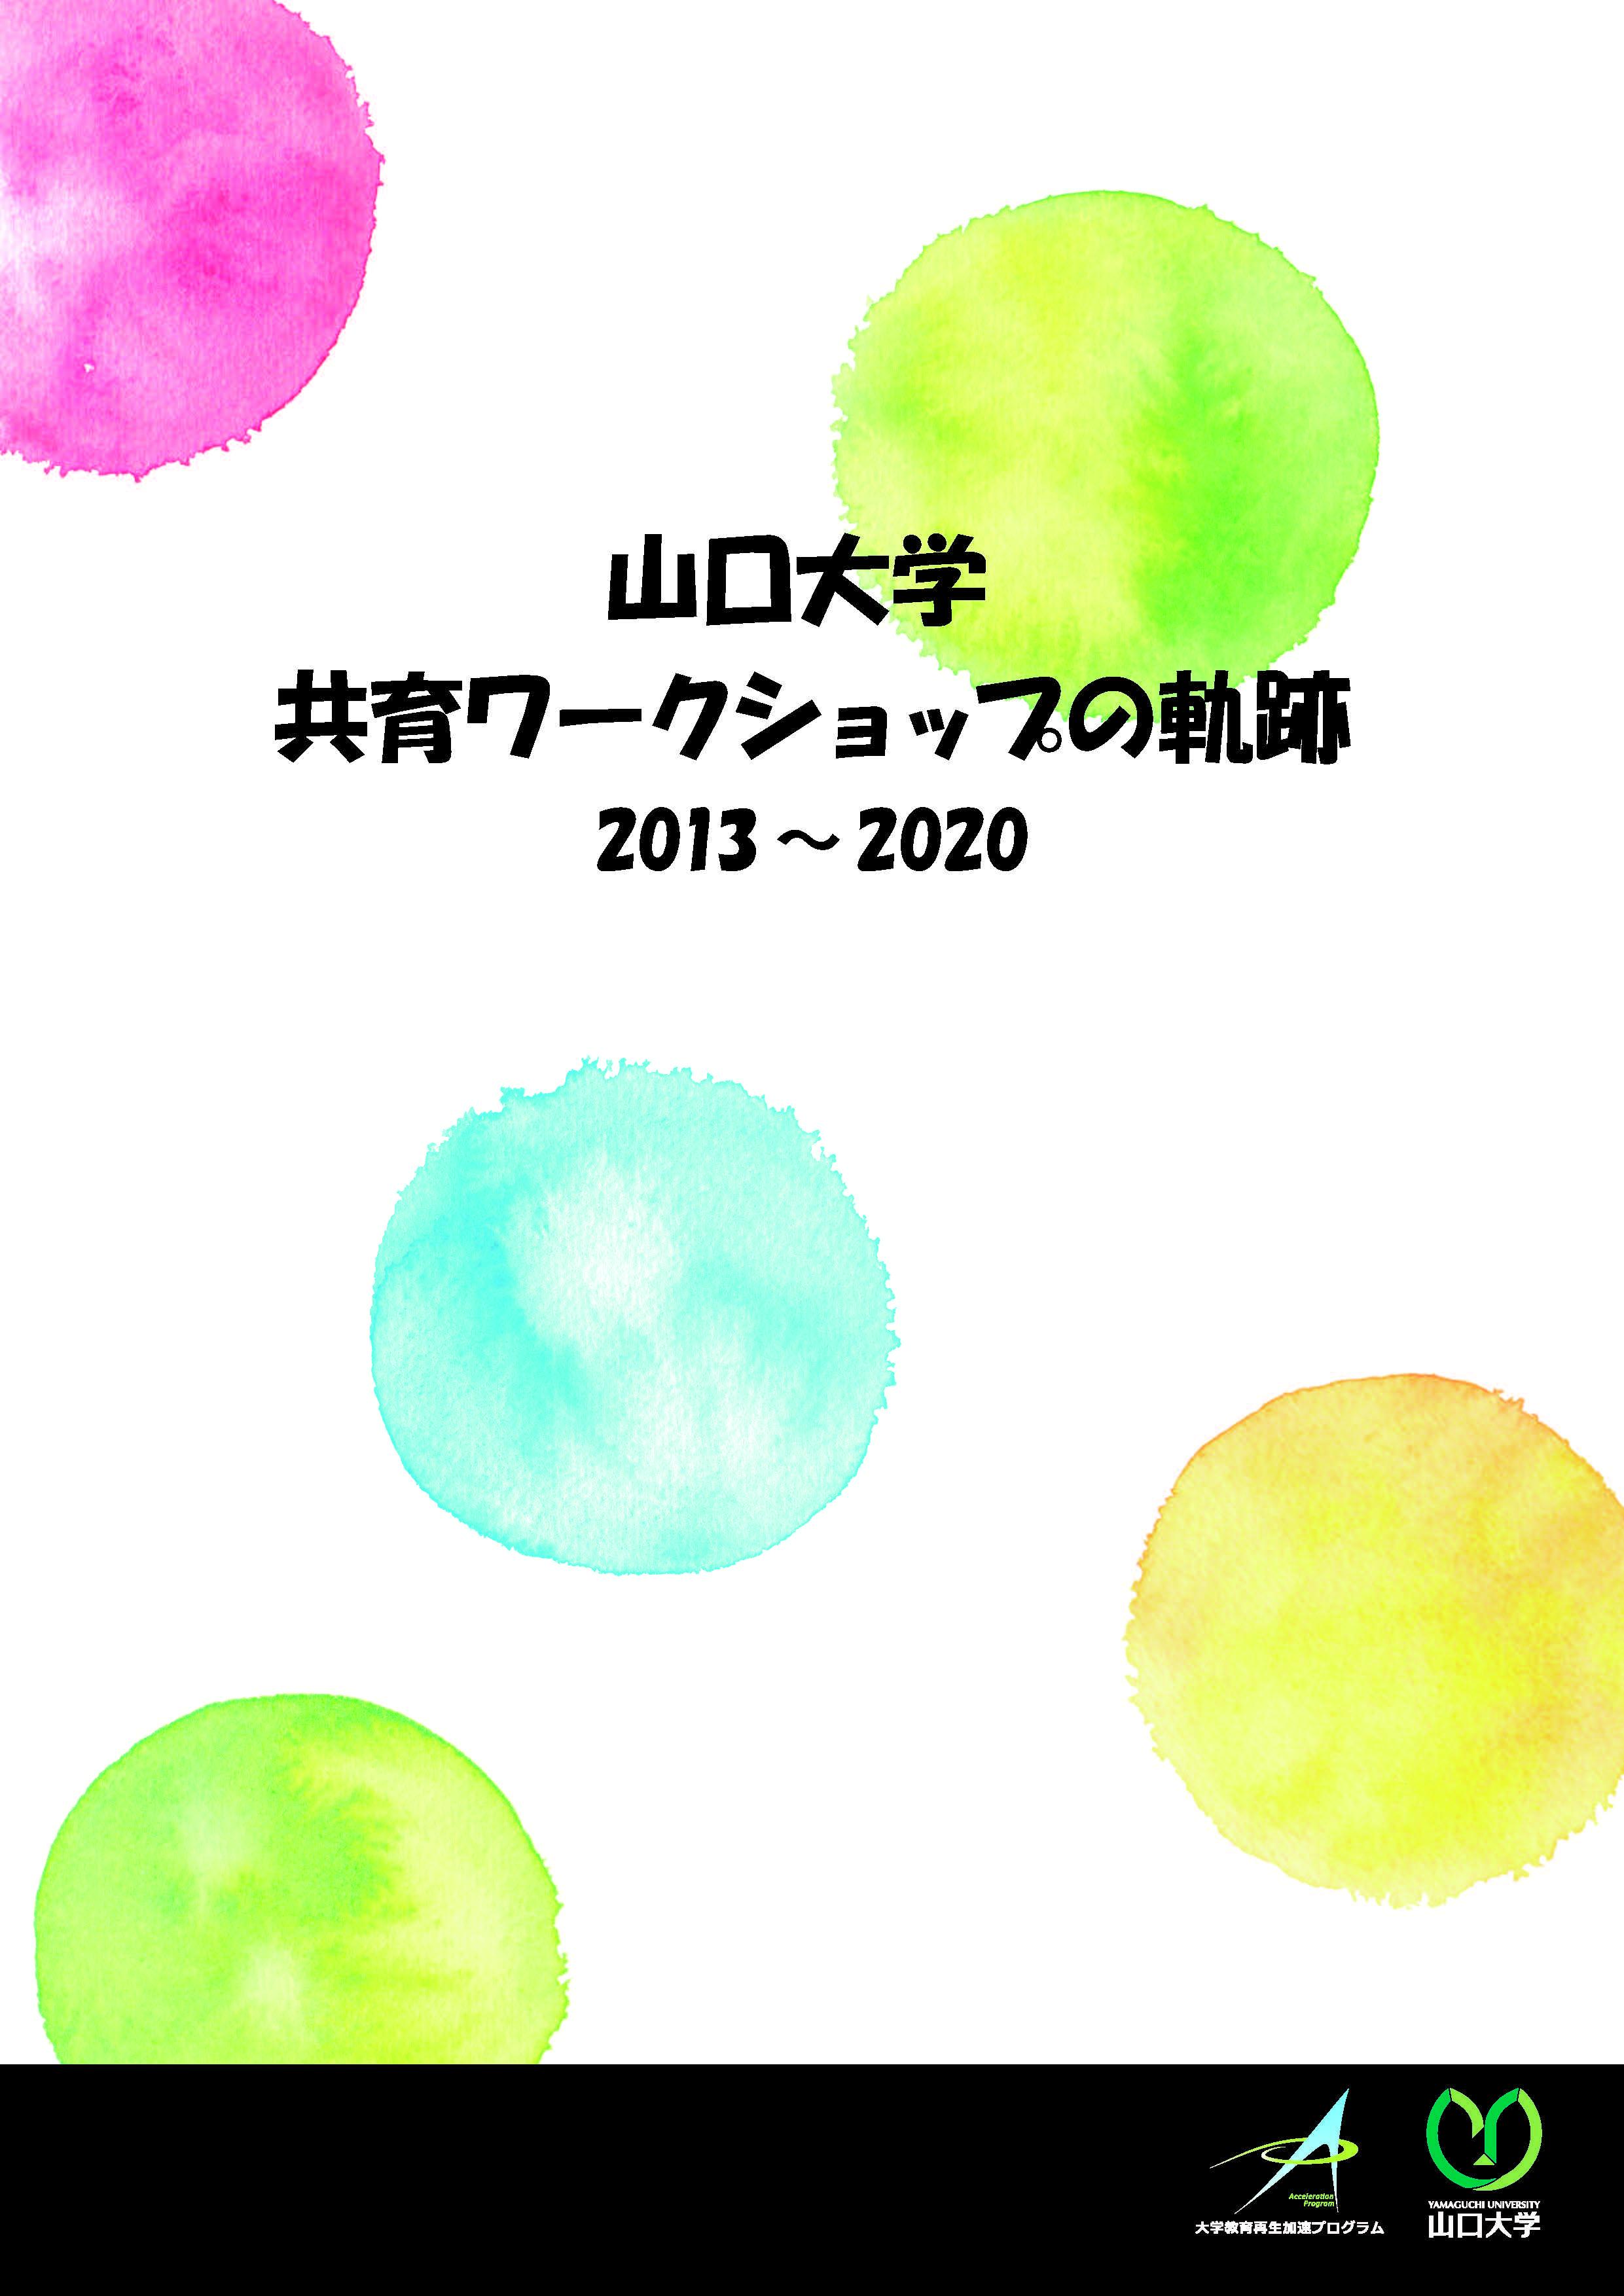 【最終版】共育ワークショップの軌跡2013-2020.jpg